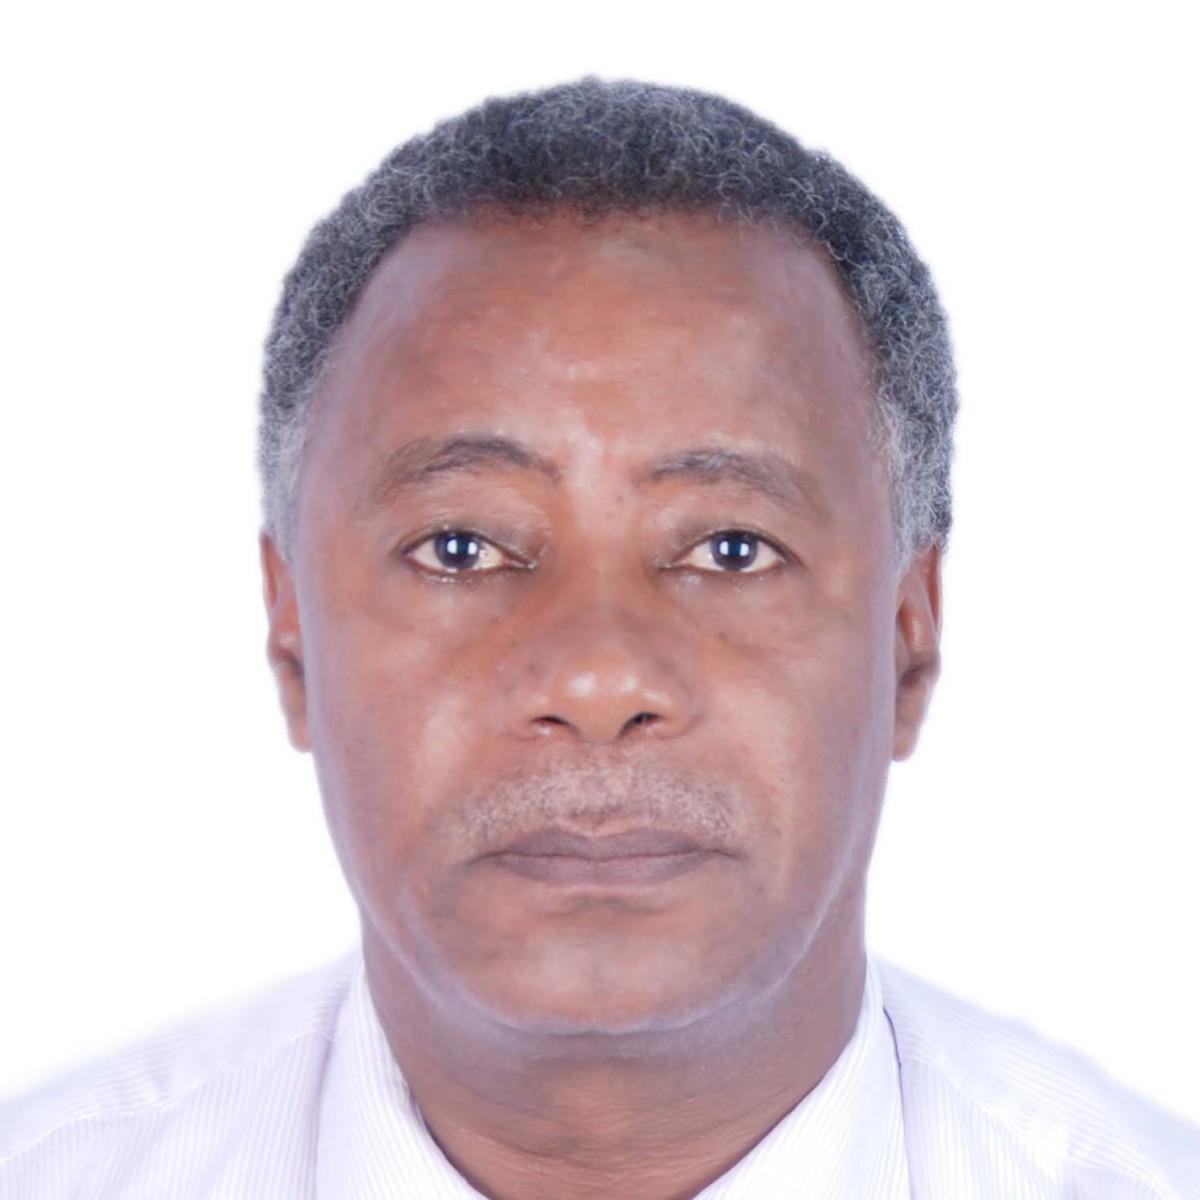 Solomon Zewdie